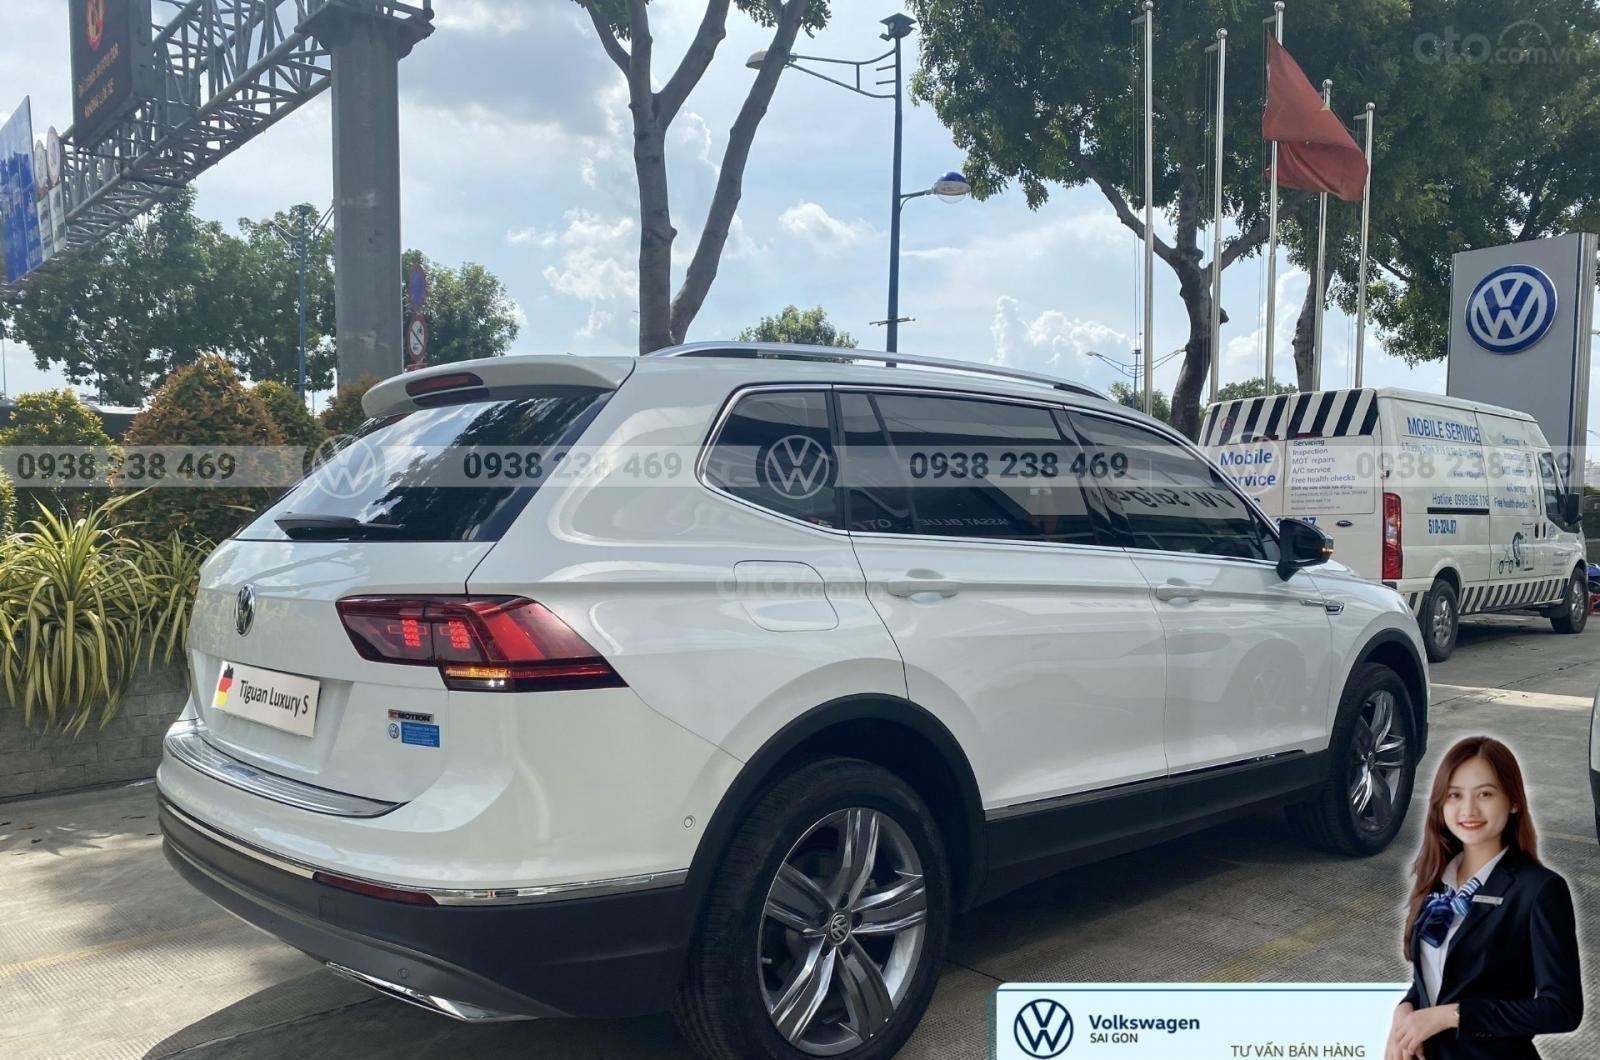 Bán Volkswagen Tiguan Luxury S màu trắng - Phiên bản Offroad - Giá tốt tháng ngâu (5)